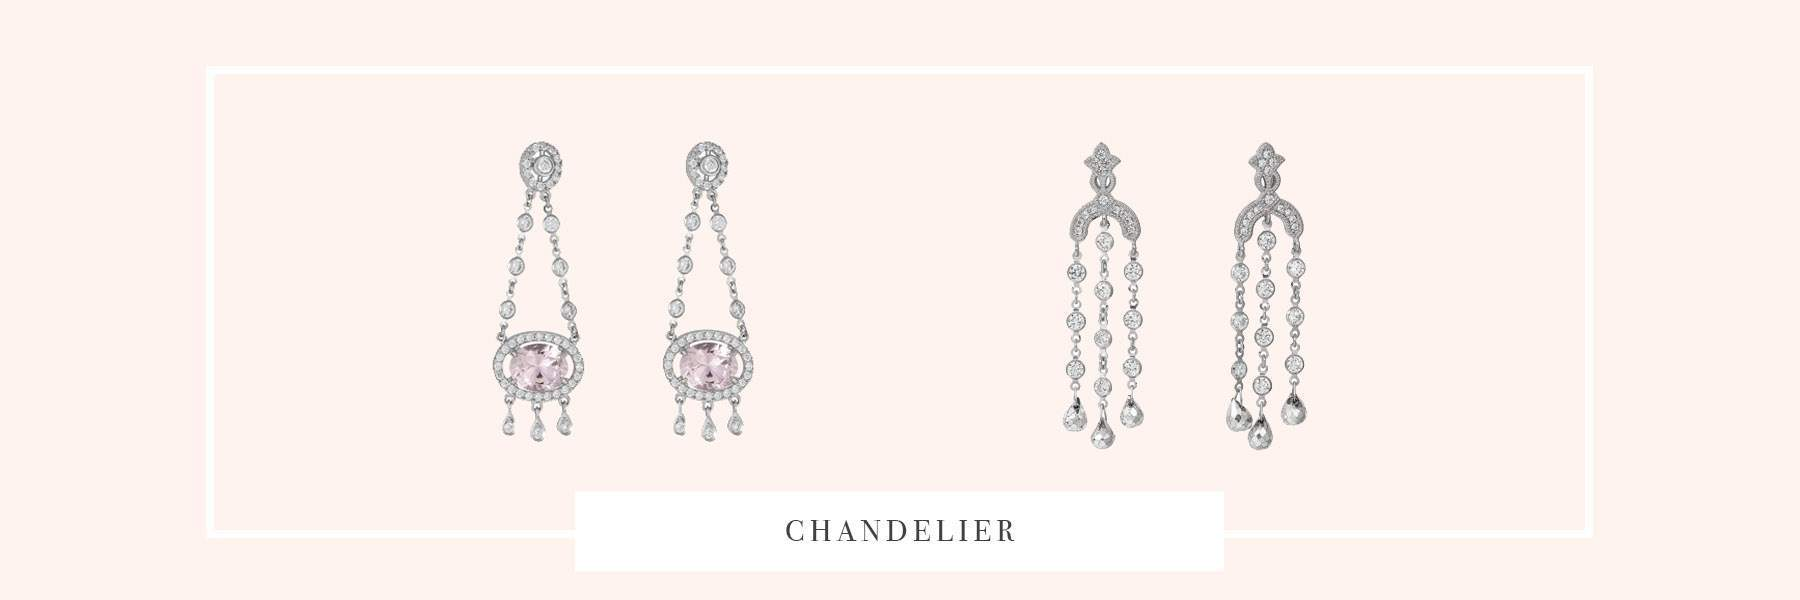 Chandelier